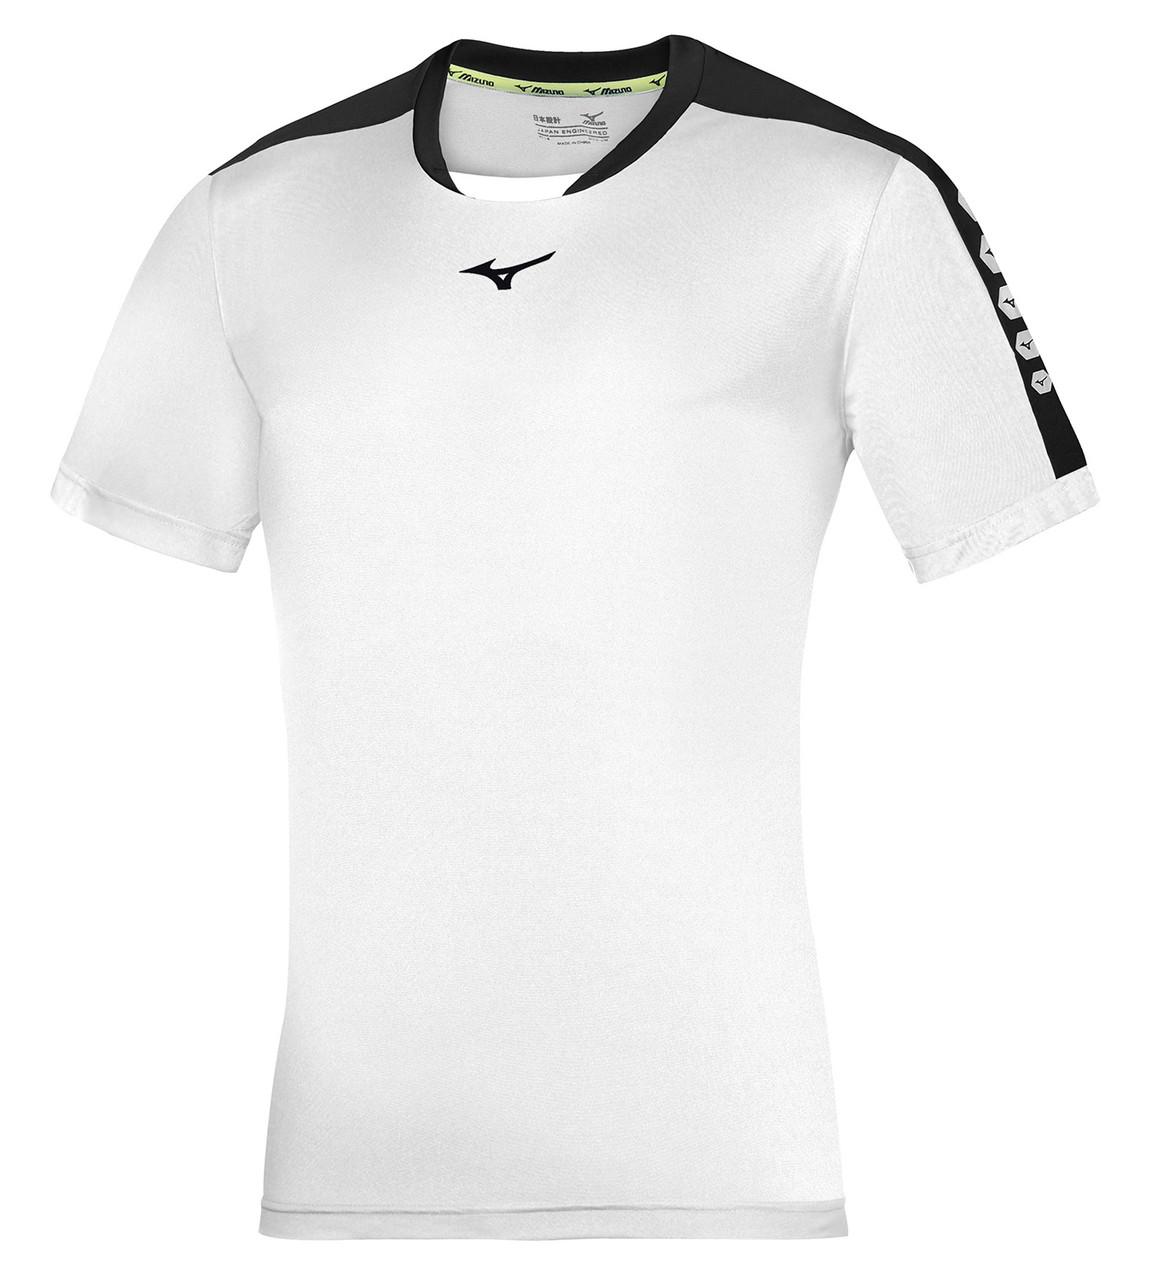 Футболка Mizuno Soukyu Shirt X2EA7500-70